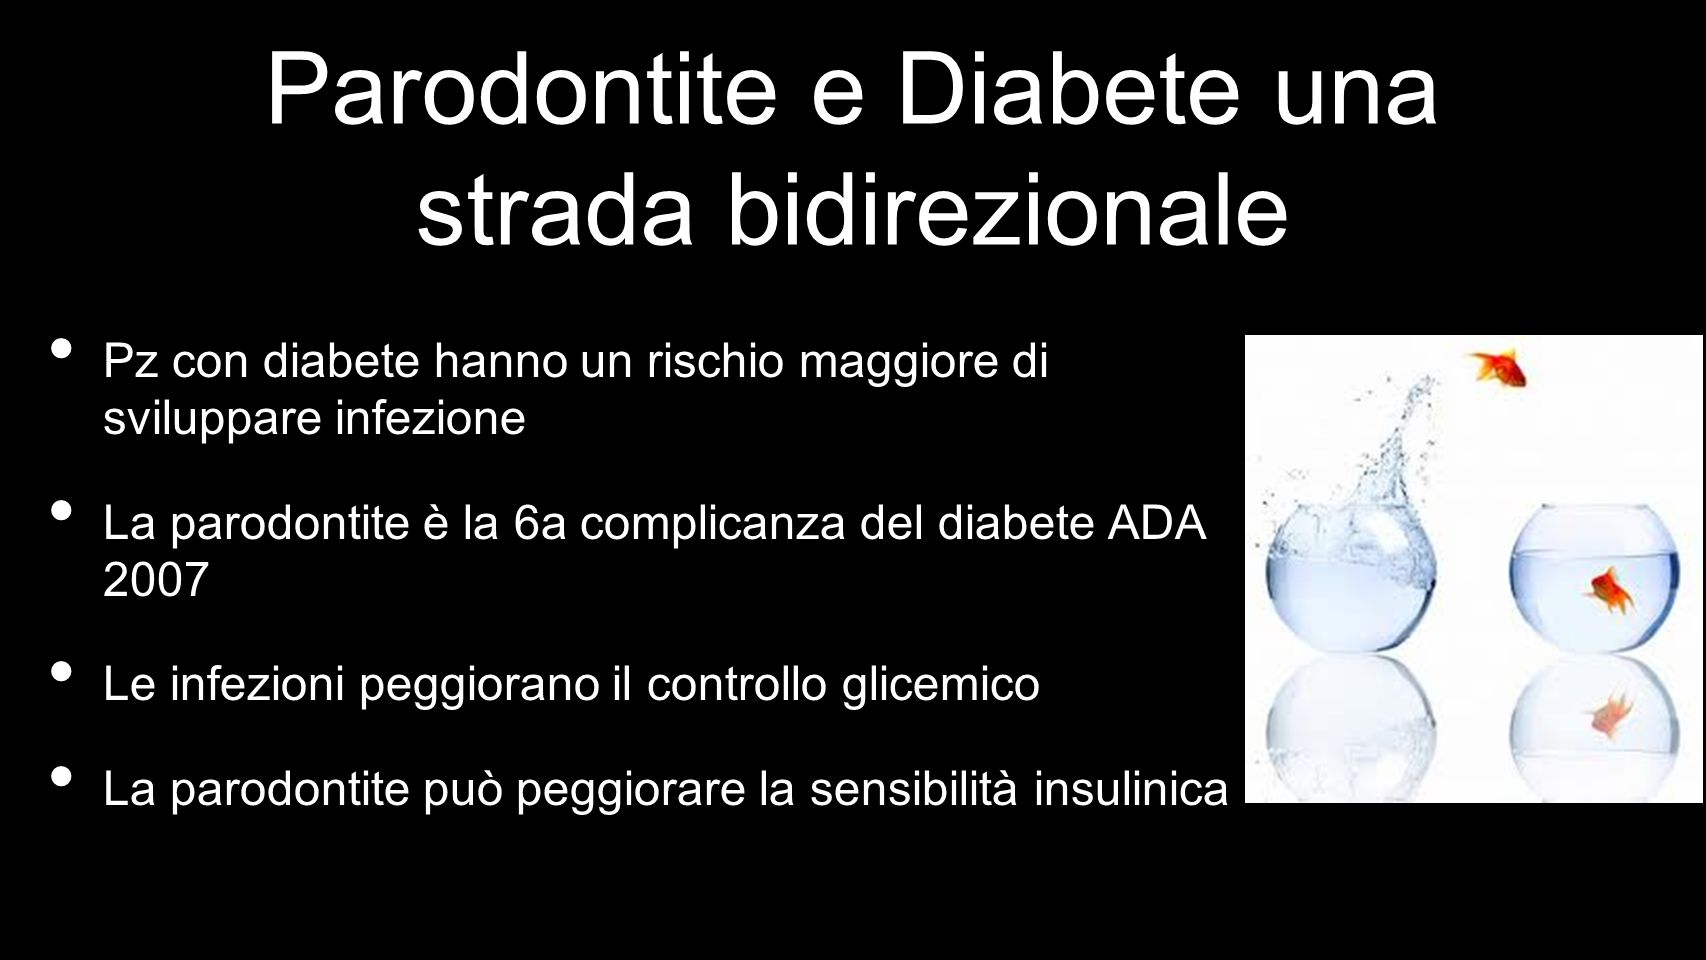 Parodontite e Diabete una strada bidirezionale Pz con diabete hanno un rischio maggiore di sviluppare infezione La parodontite è la 6a complicanza del